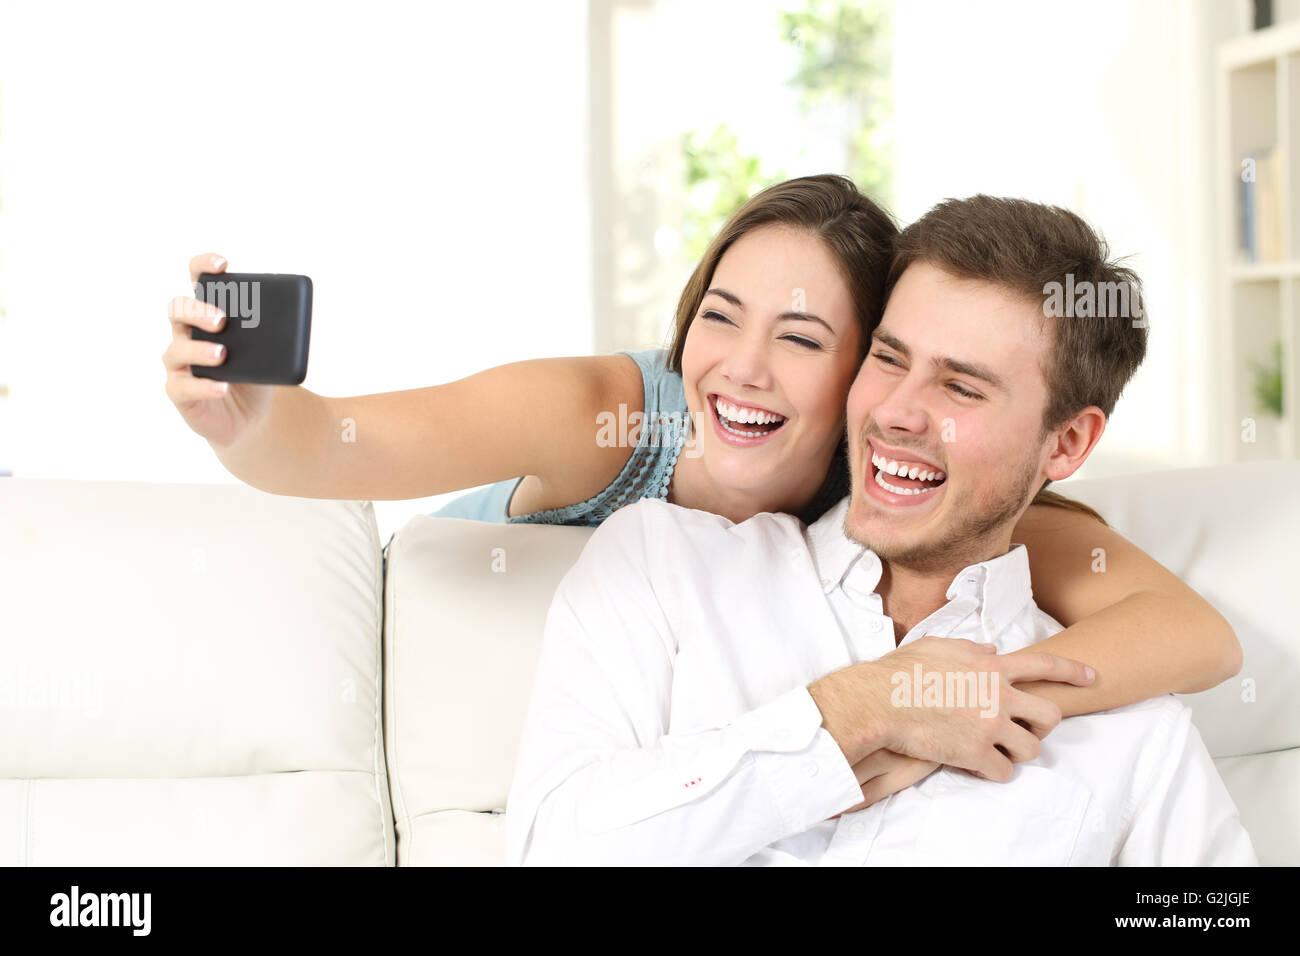 Il matrimonio o un paio di ridere e prendendo un selfie con telefono seduto su un divano a casa Immagini Stock